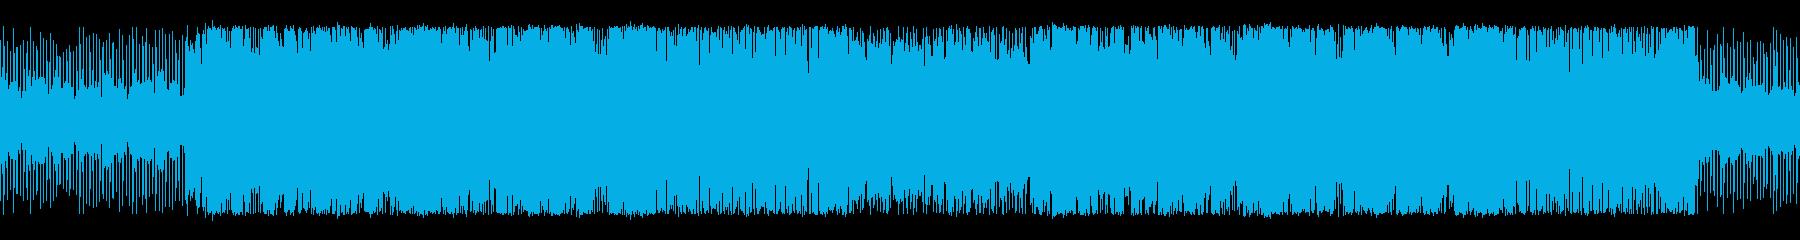 明るく疾走感のあるチップチューンサウンドの再生済みの波形